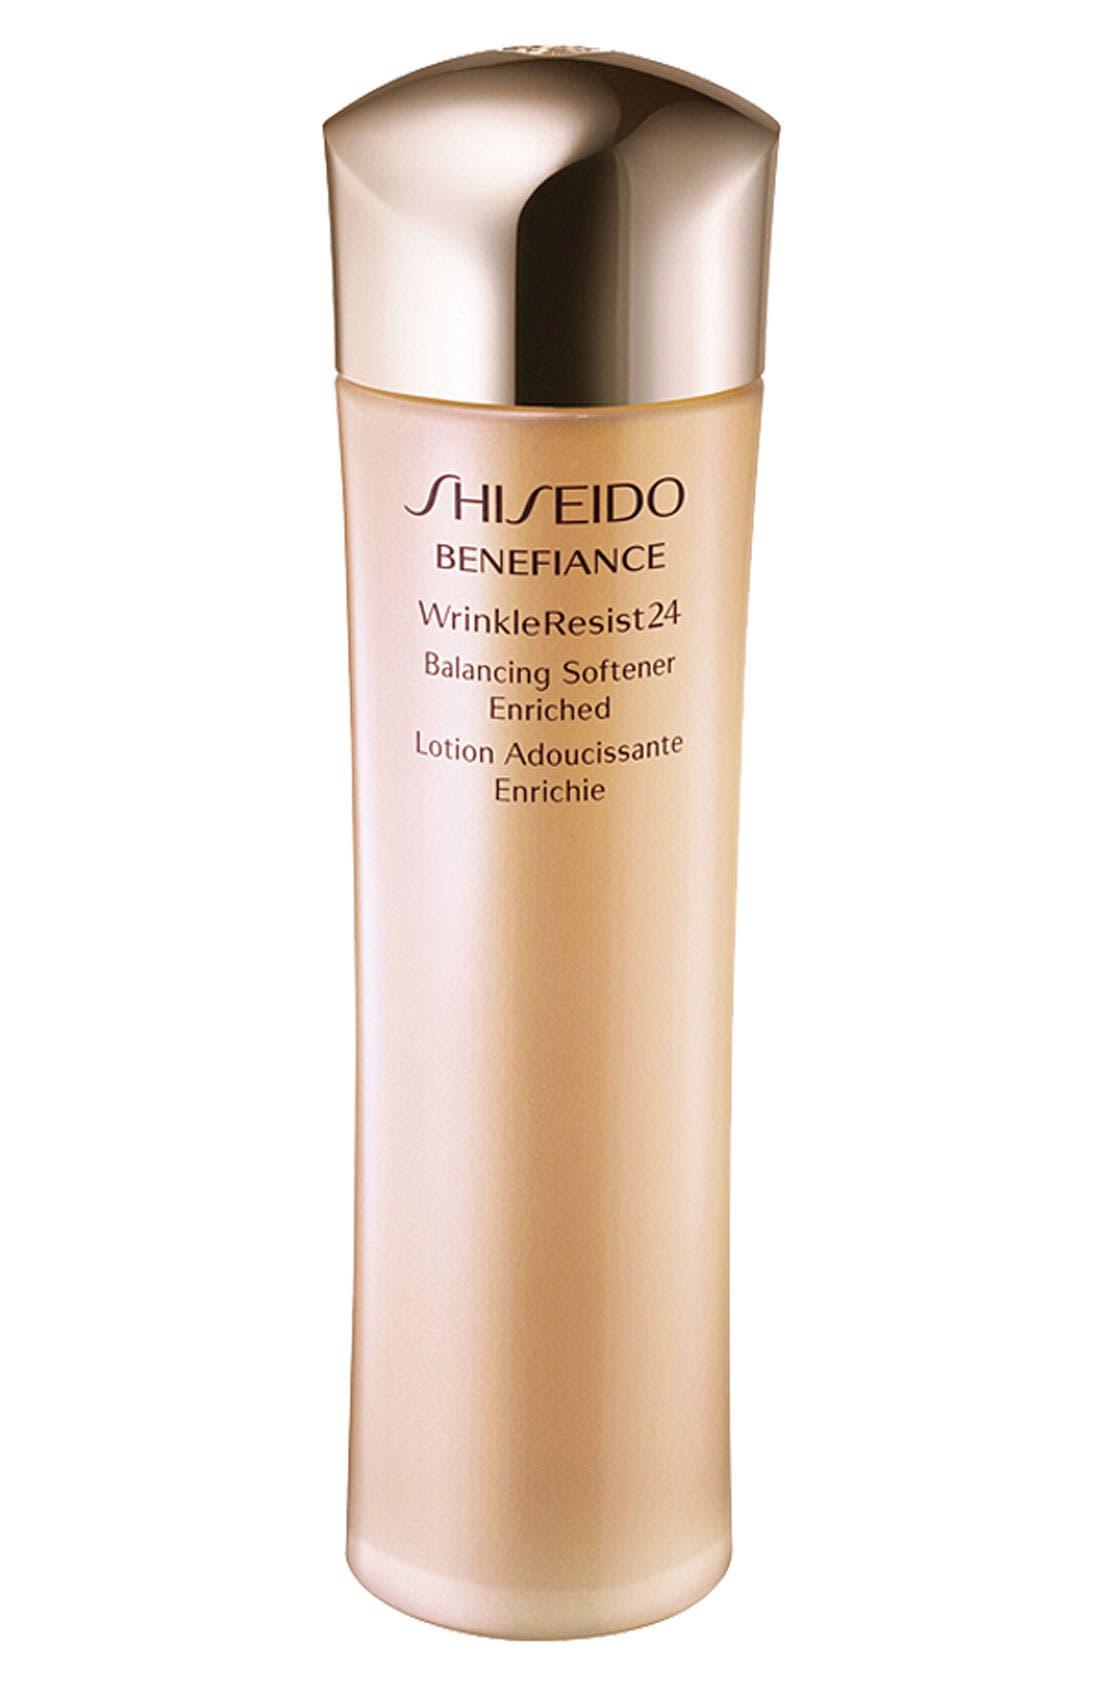 Shiseido 'Benefiance WrinkleResist24' Balancing Softener Enriched